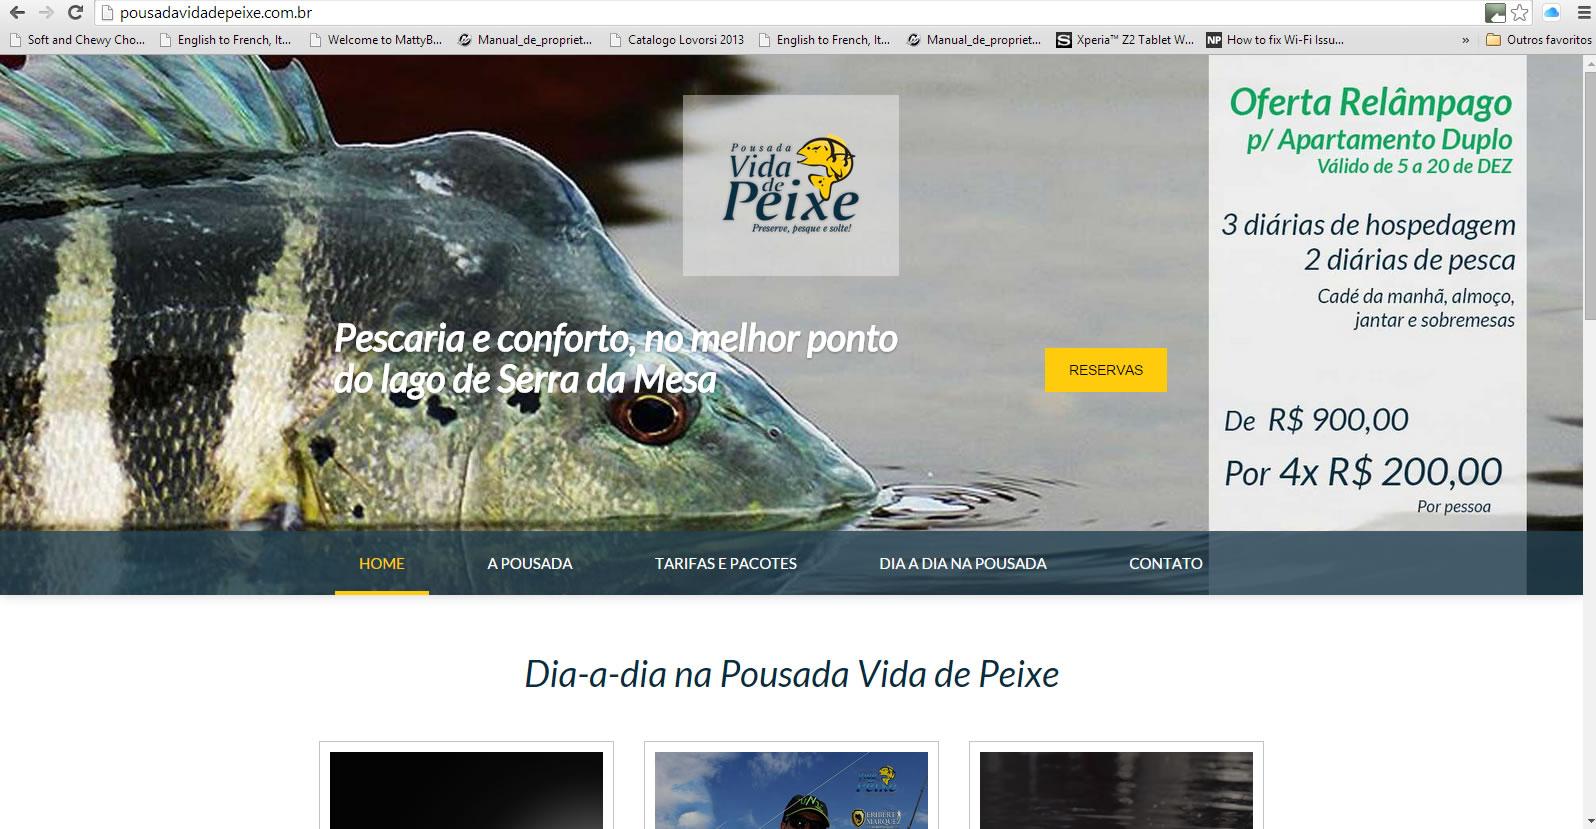 promo_vidadepeixe.jpg